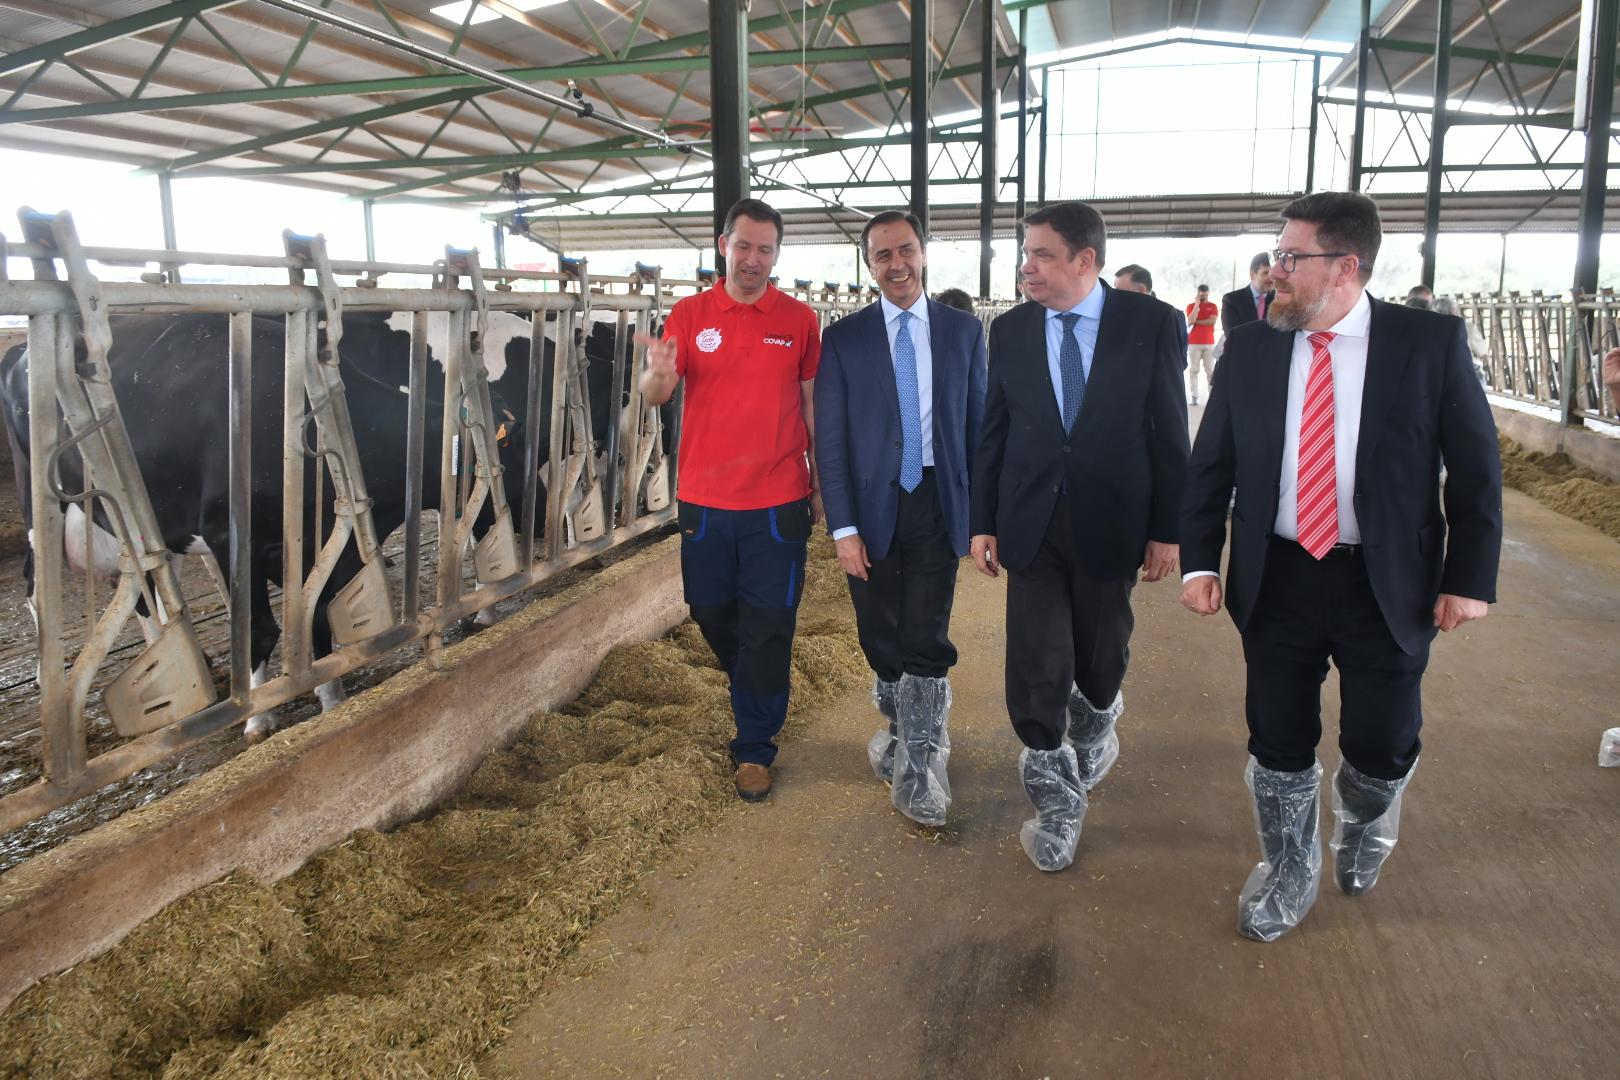 El ministro de Agricultura conoce la estrategia de COVAP en ganadería sostenible y bienestar animal | COVAP